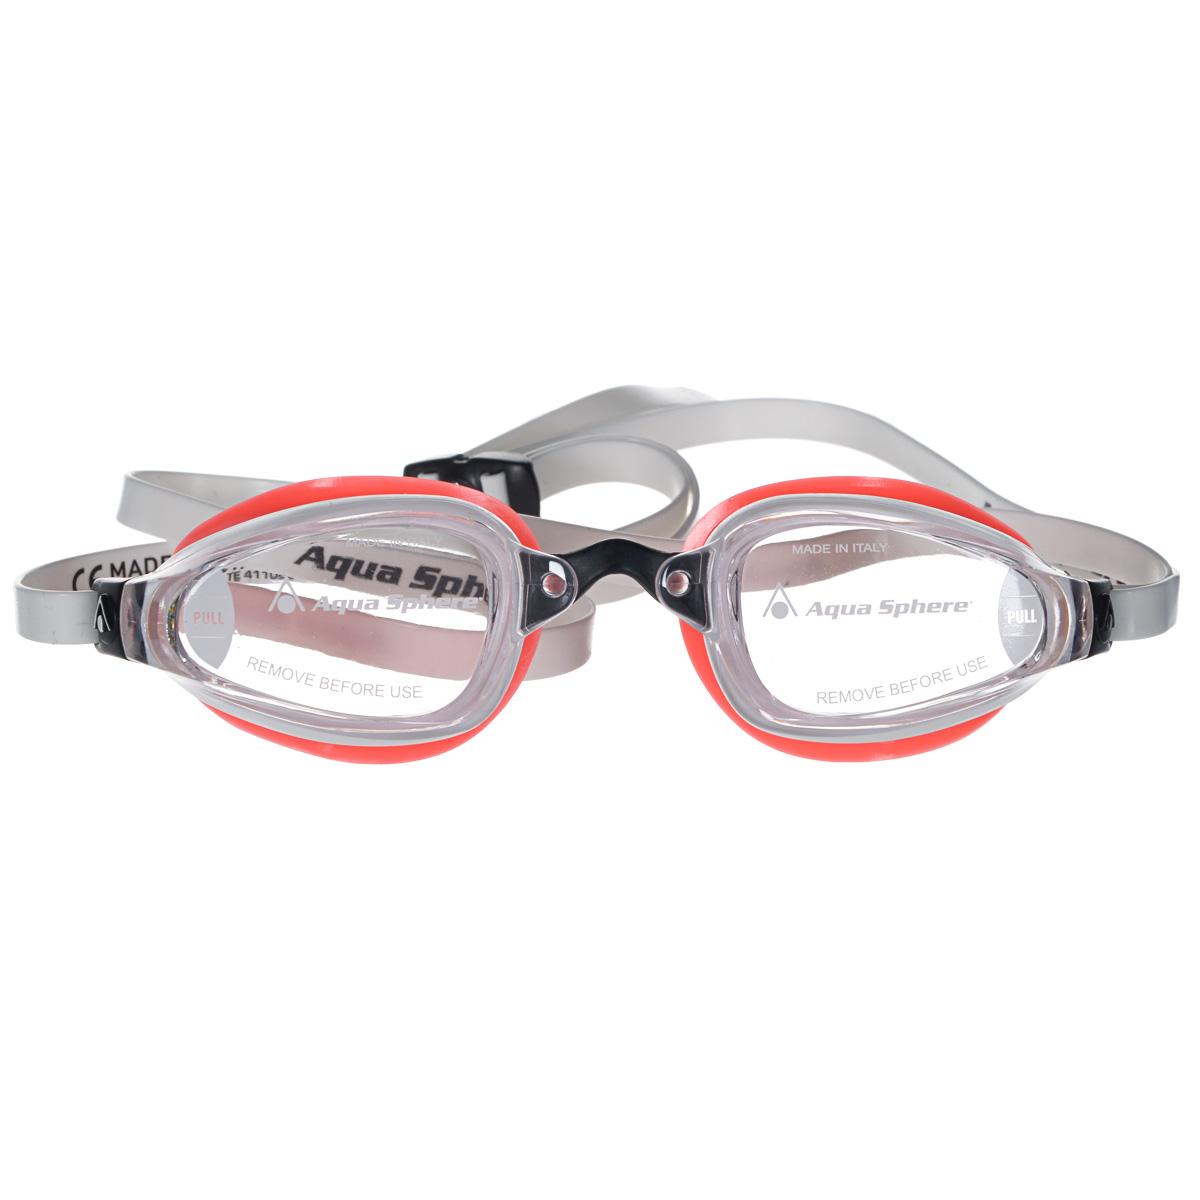 Очки для плавания Aqua Sphere K180 Lady, цвет: белый, розовыйTN 173280Aqua Sphere K180 Lady - это первые очки для скоростного плавания, обладающие панорамным обзором в 180°, который достигается благодаря очень близкому расположению линз к глазам. Благодаря сменным перемычкам можно менять расстояние между линзами. Очки дают 100% защиту от ультрафиолетового излучения.В комплекте 3 сменных перемычки.